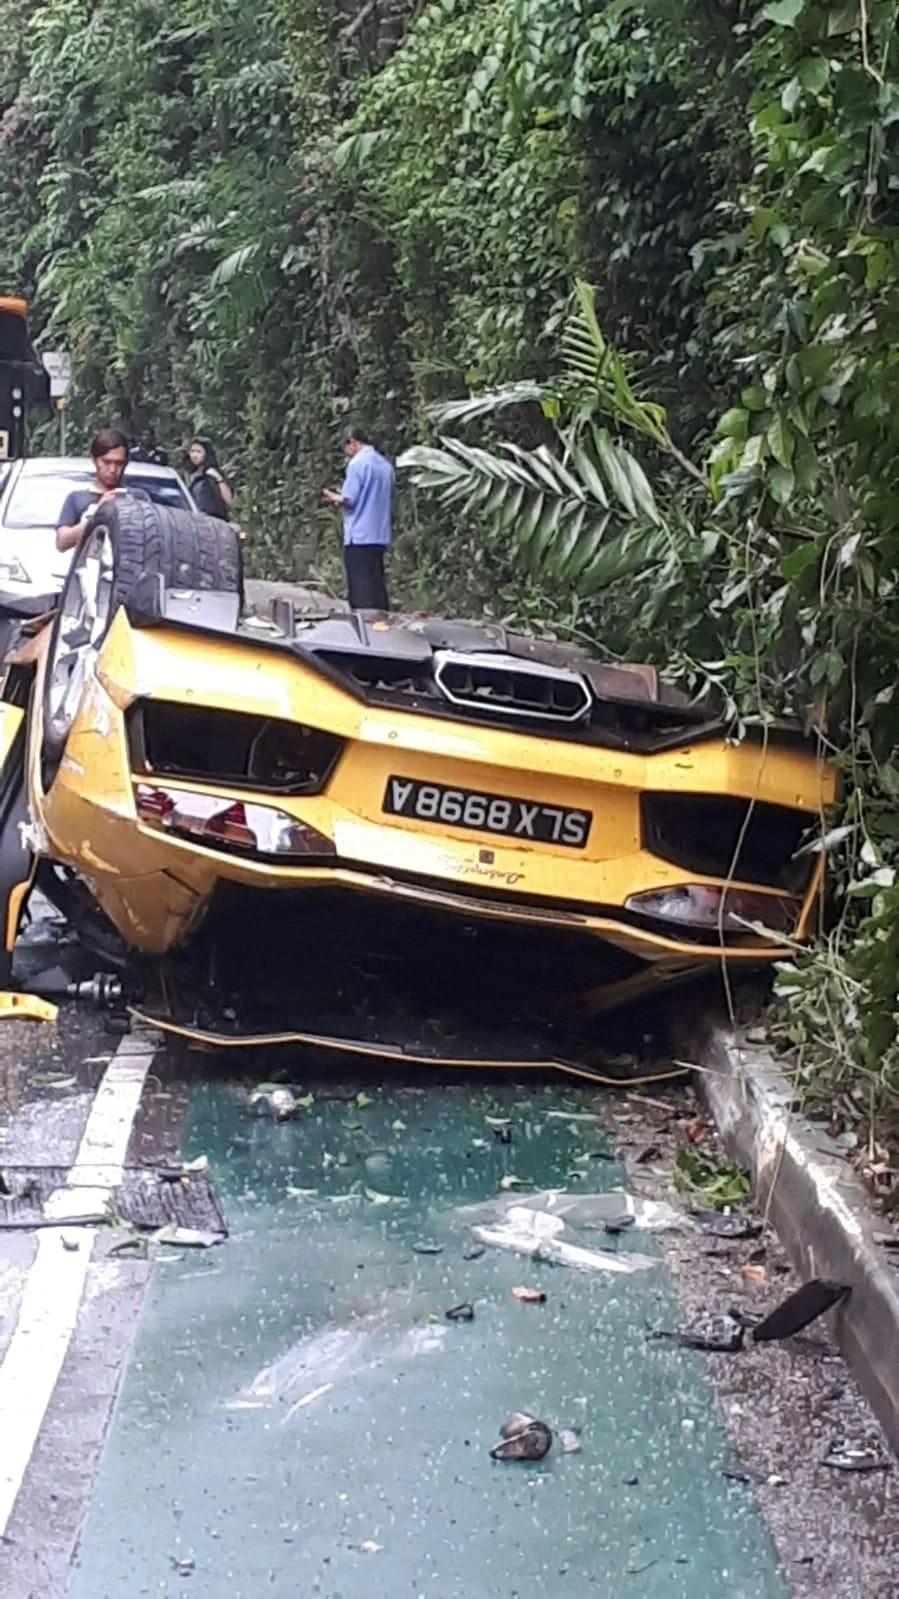 Chiếc Lamborghini Aventador bị hỏng khá nặng sau tai nạn